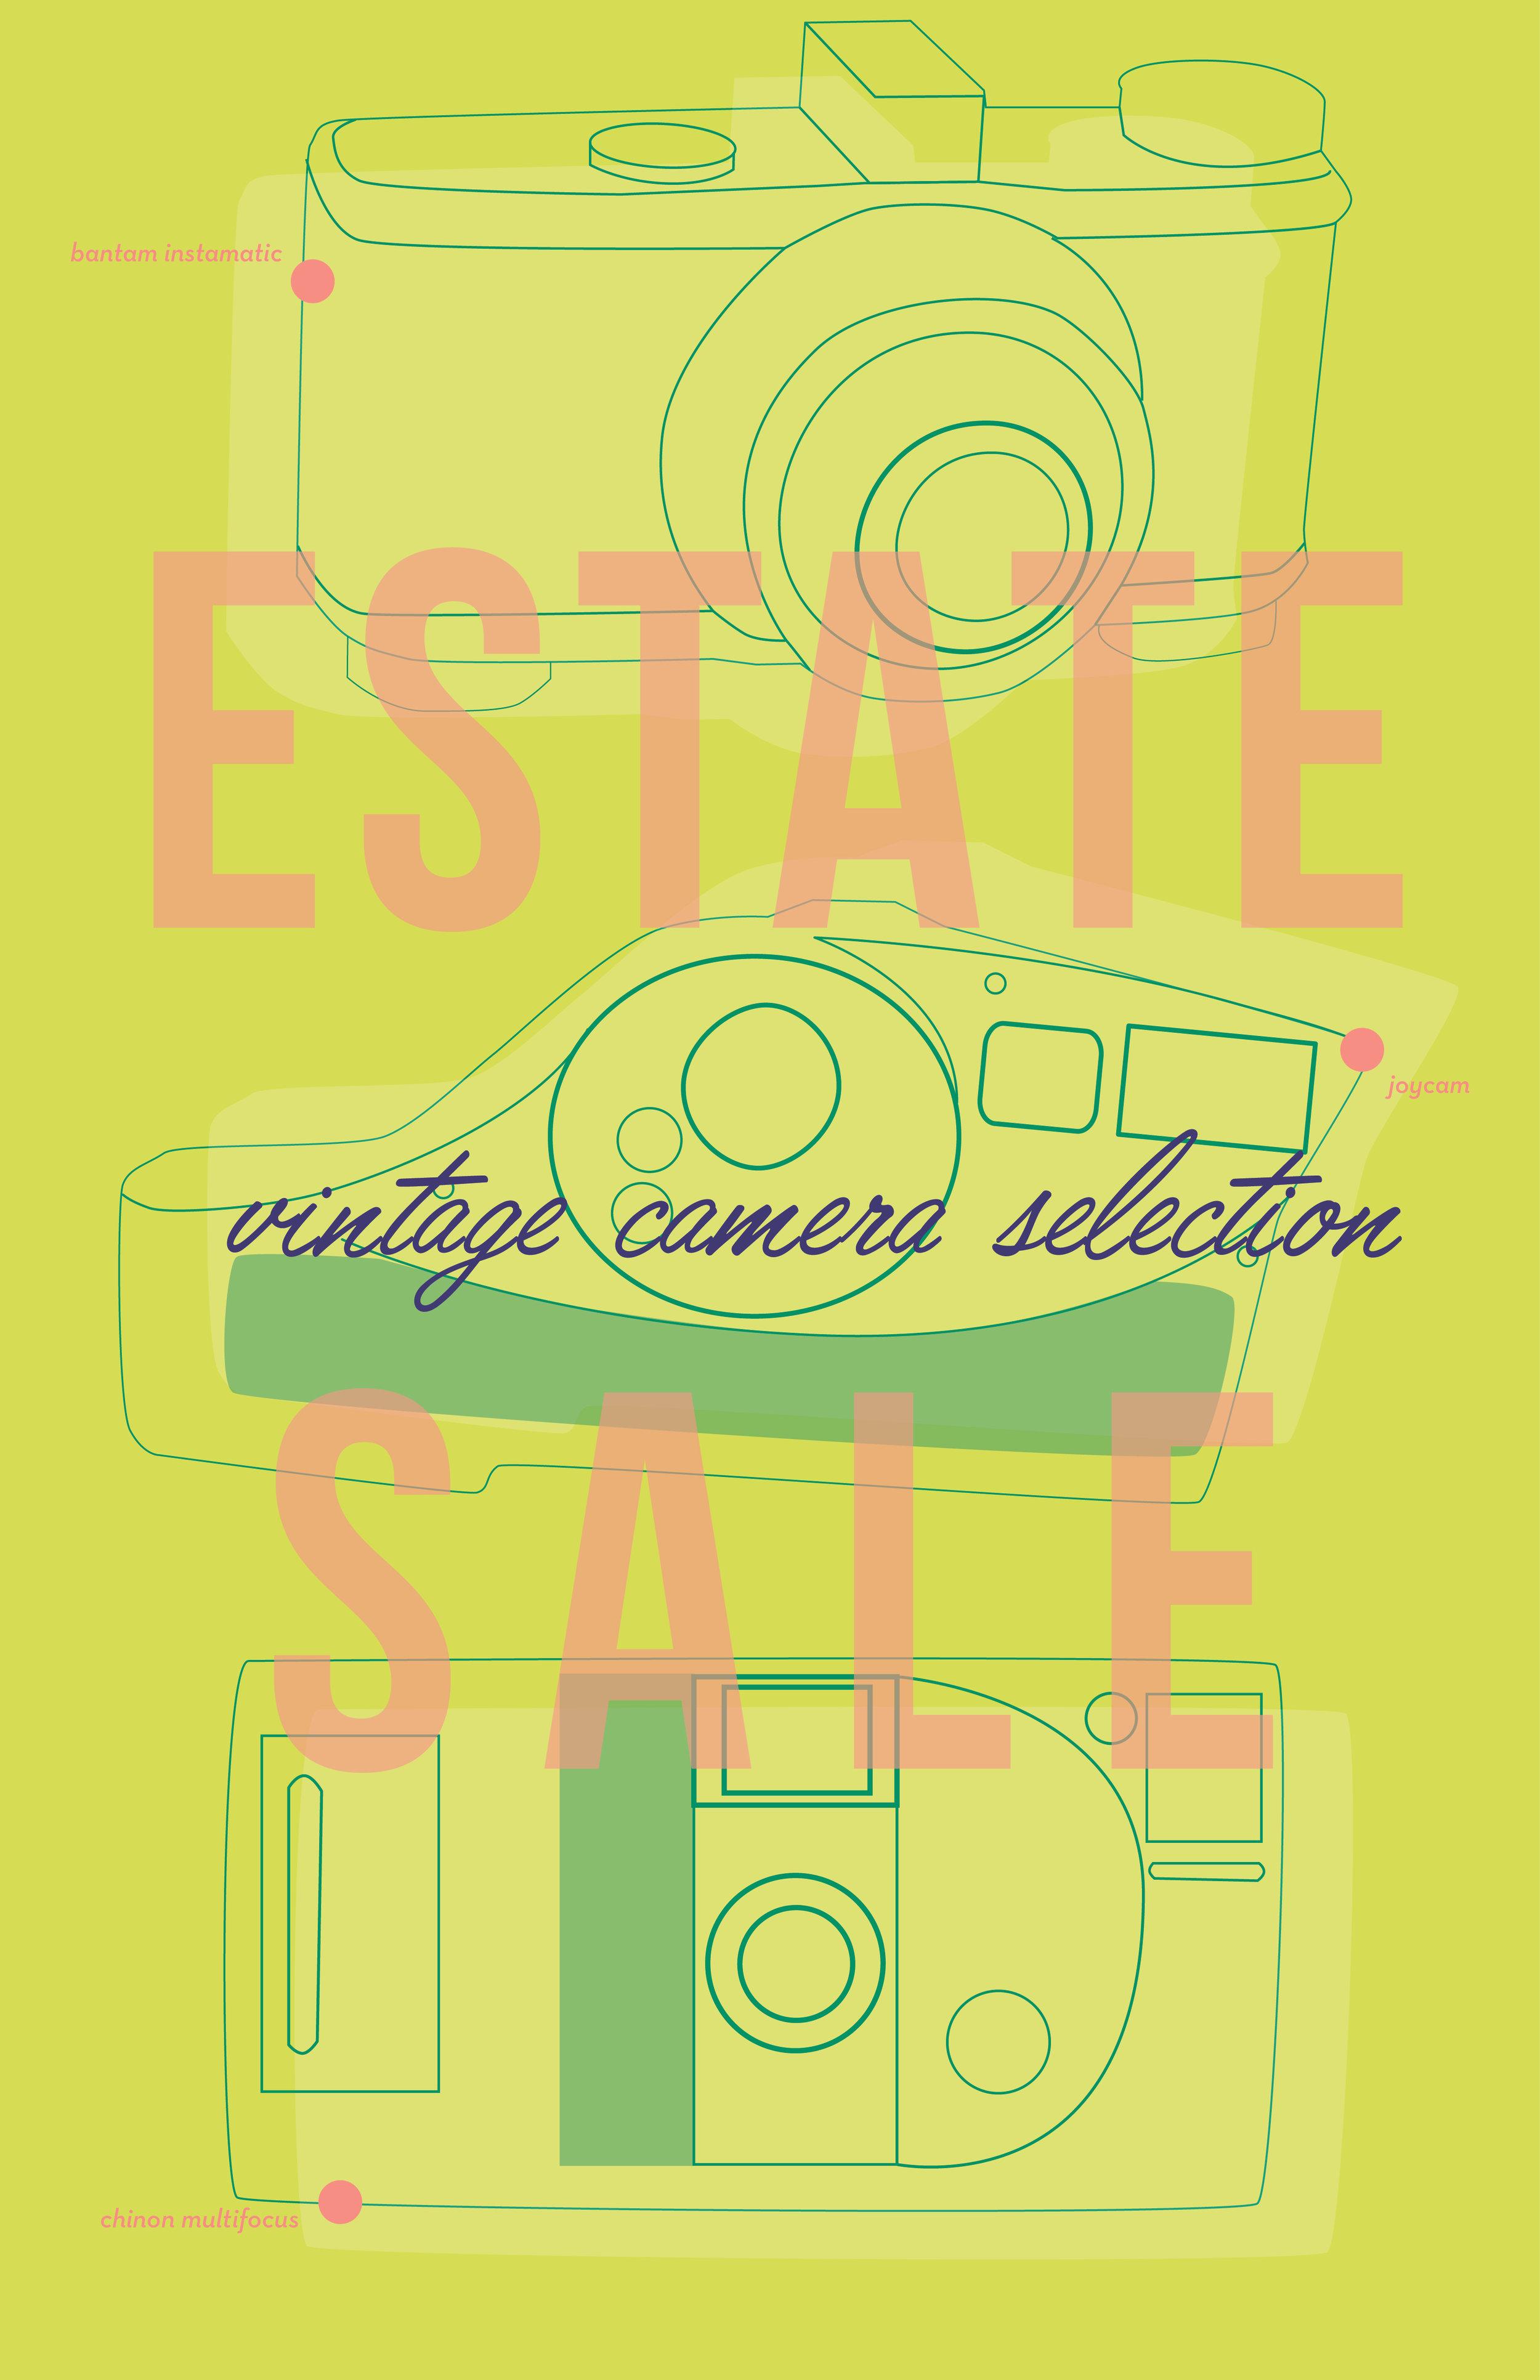 estate sale-08 copy.jpg